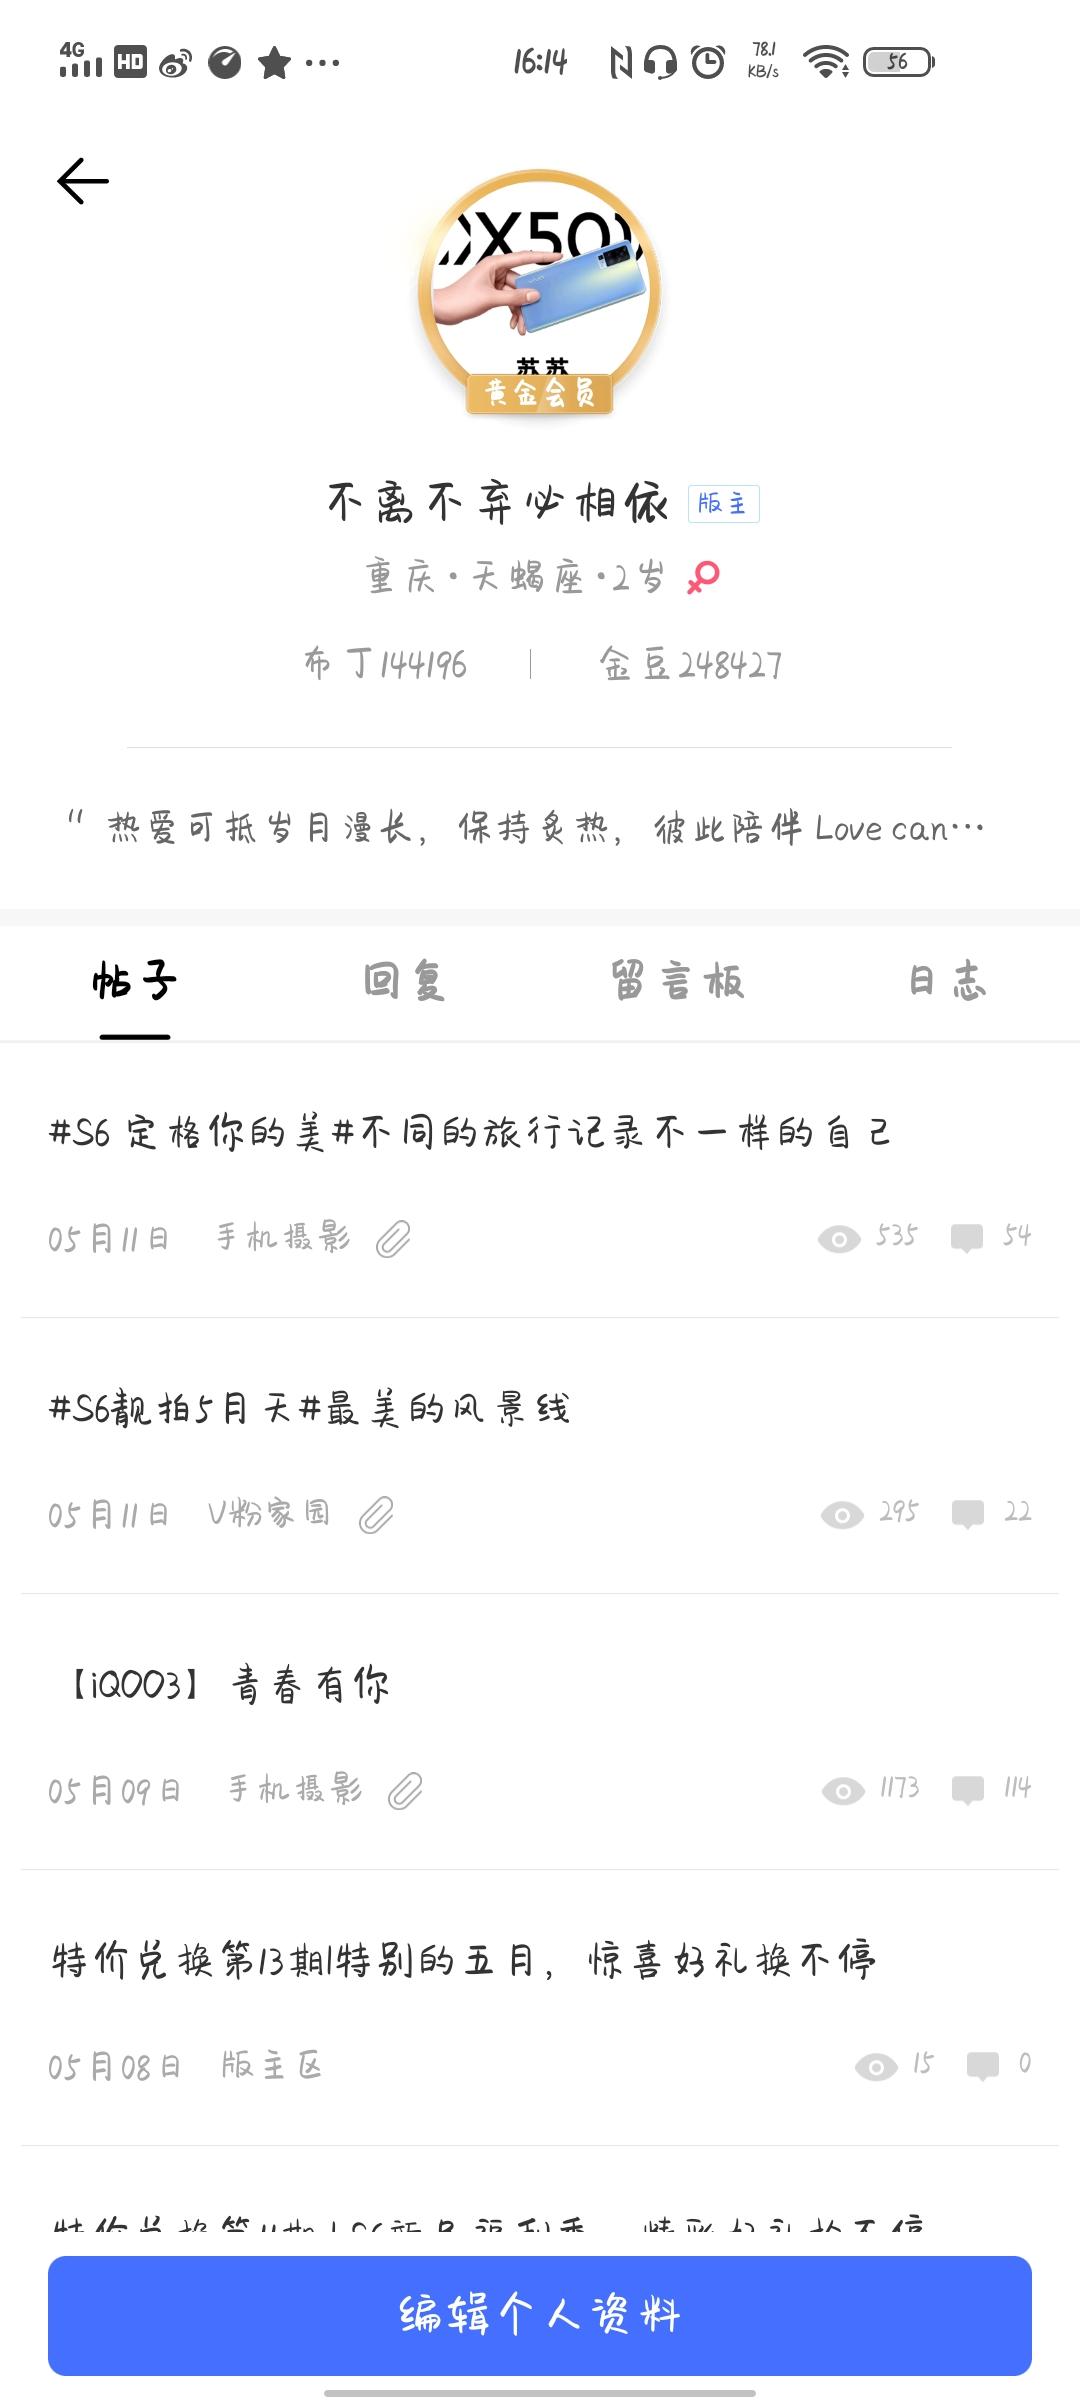 Screenshot_20200522_161455.jpg